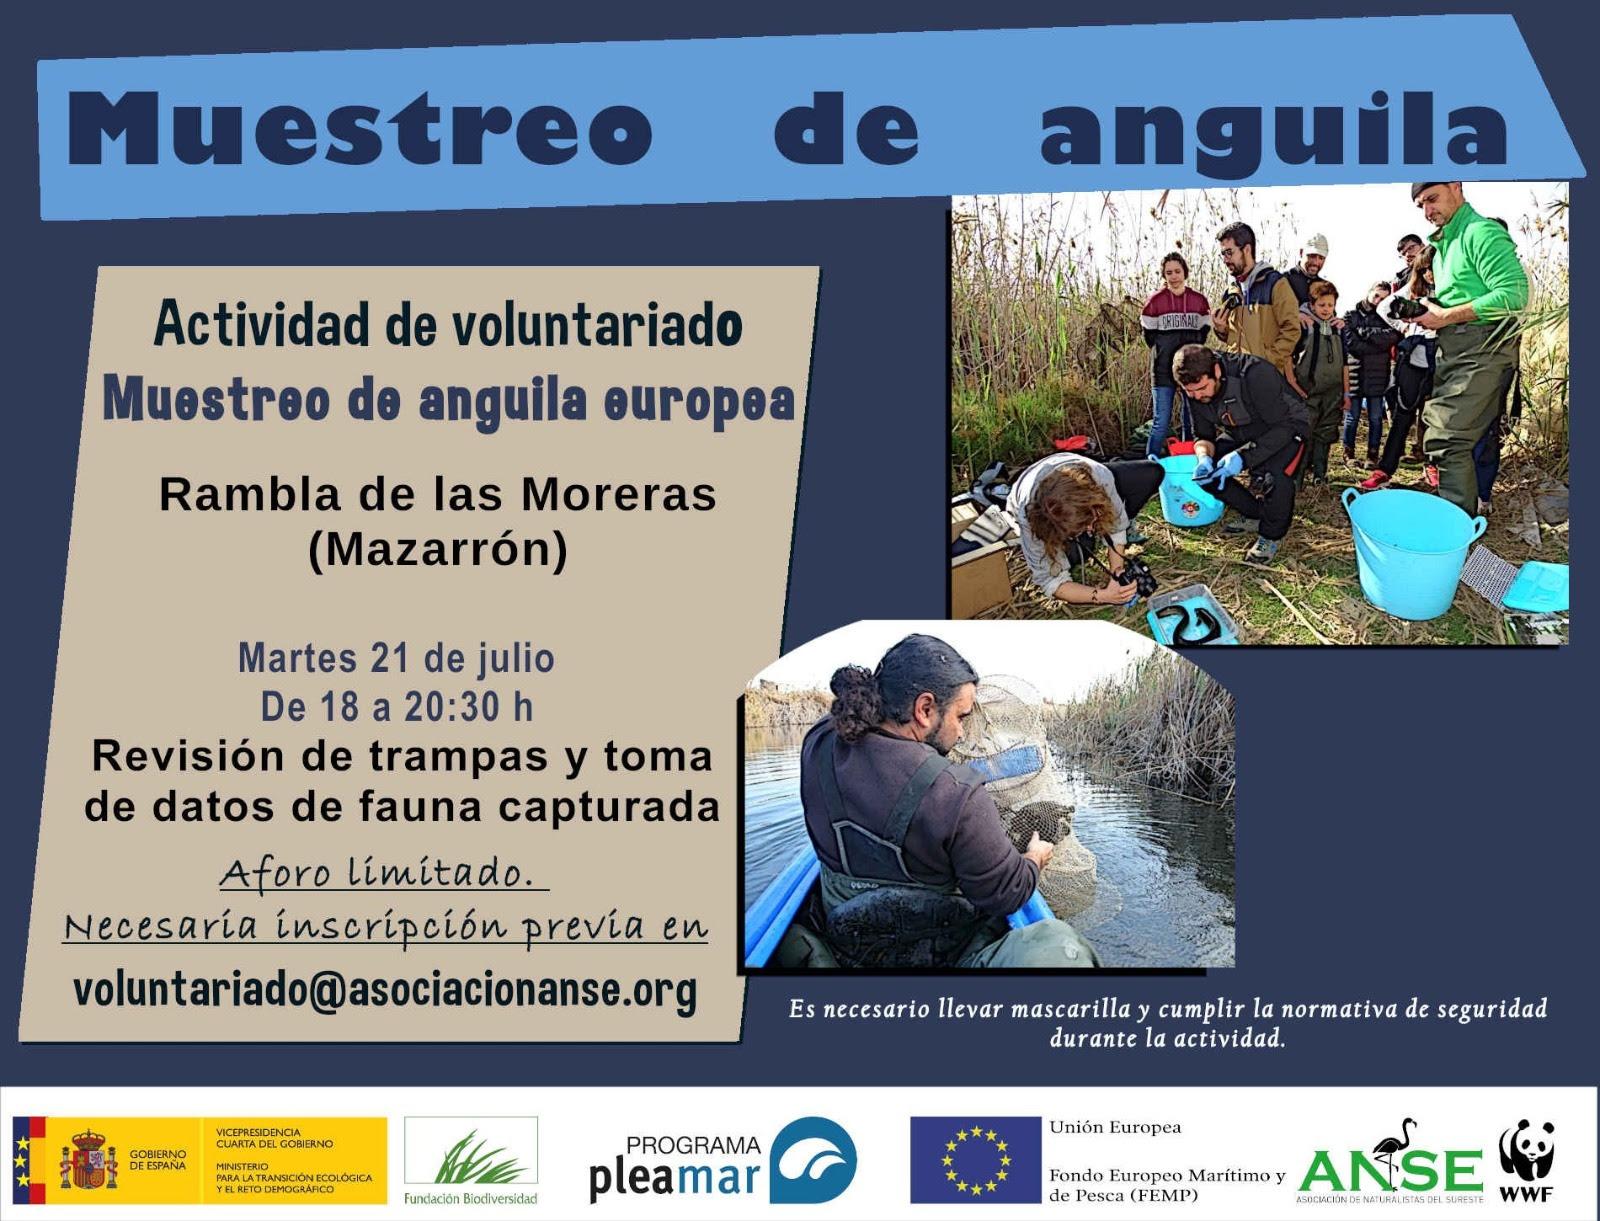 Seguimiento de anguila europea, con ANSE